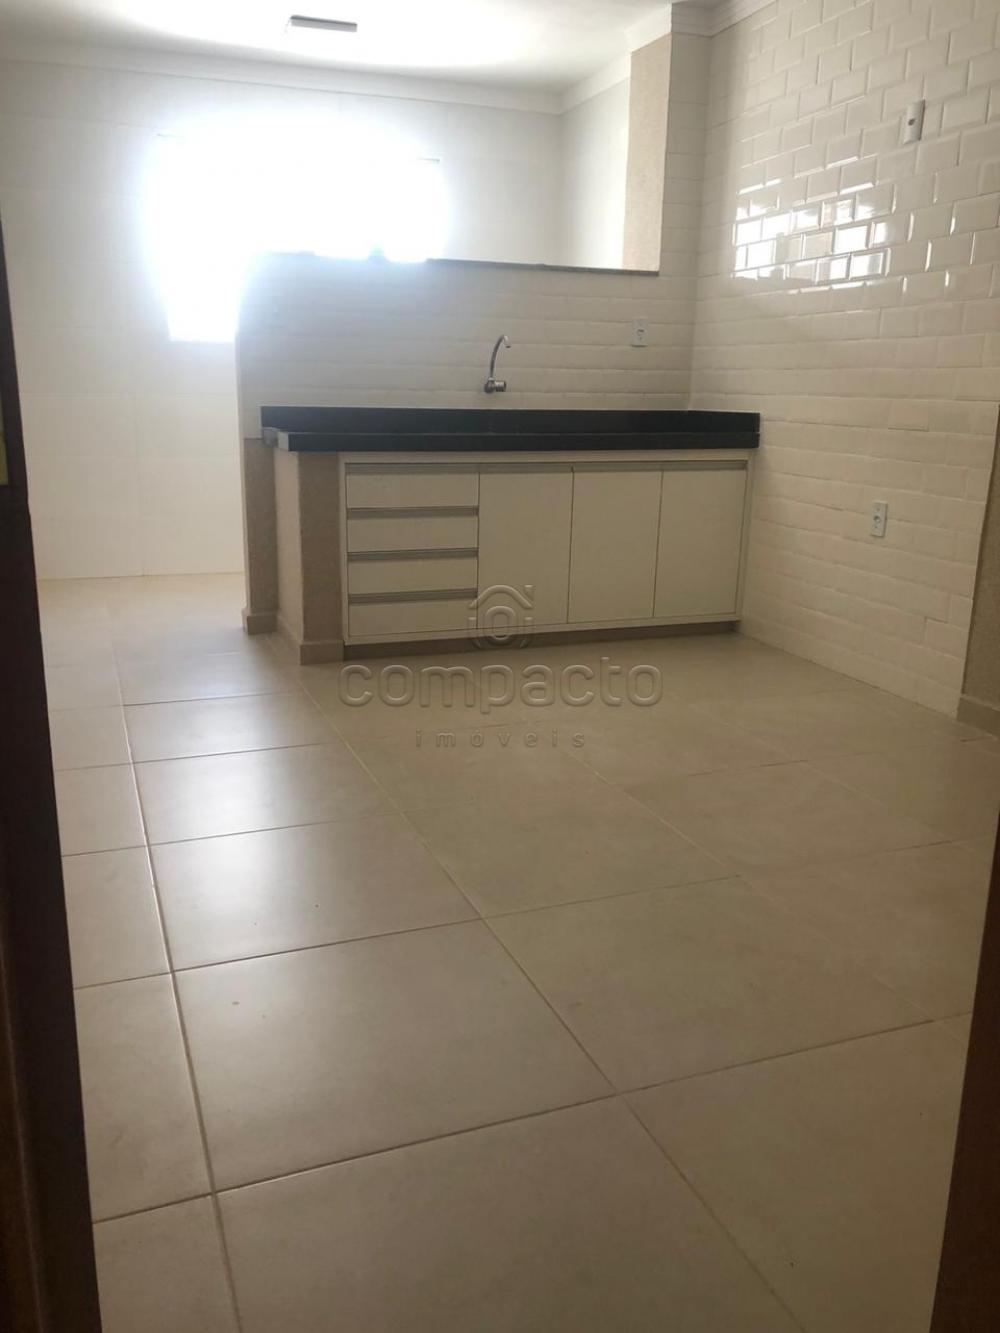 Comprar Apartamento / Padrão em São José do Rio Preto apenas R$ 230.000,00 - Foto 14